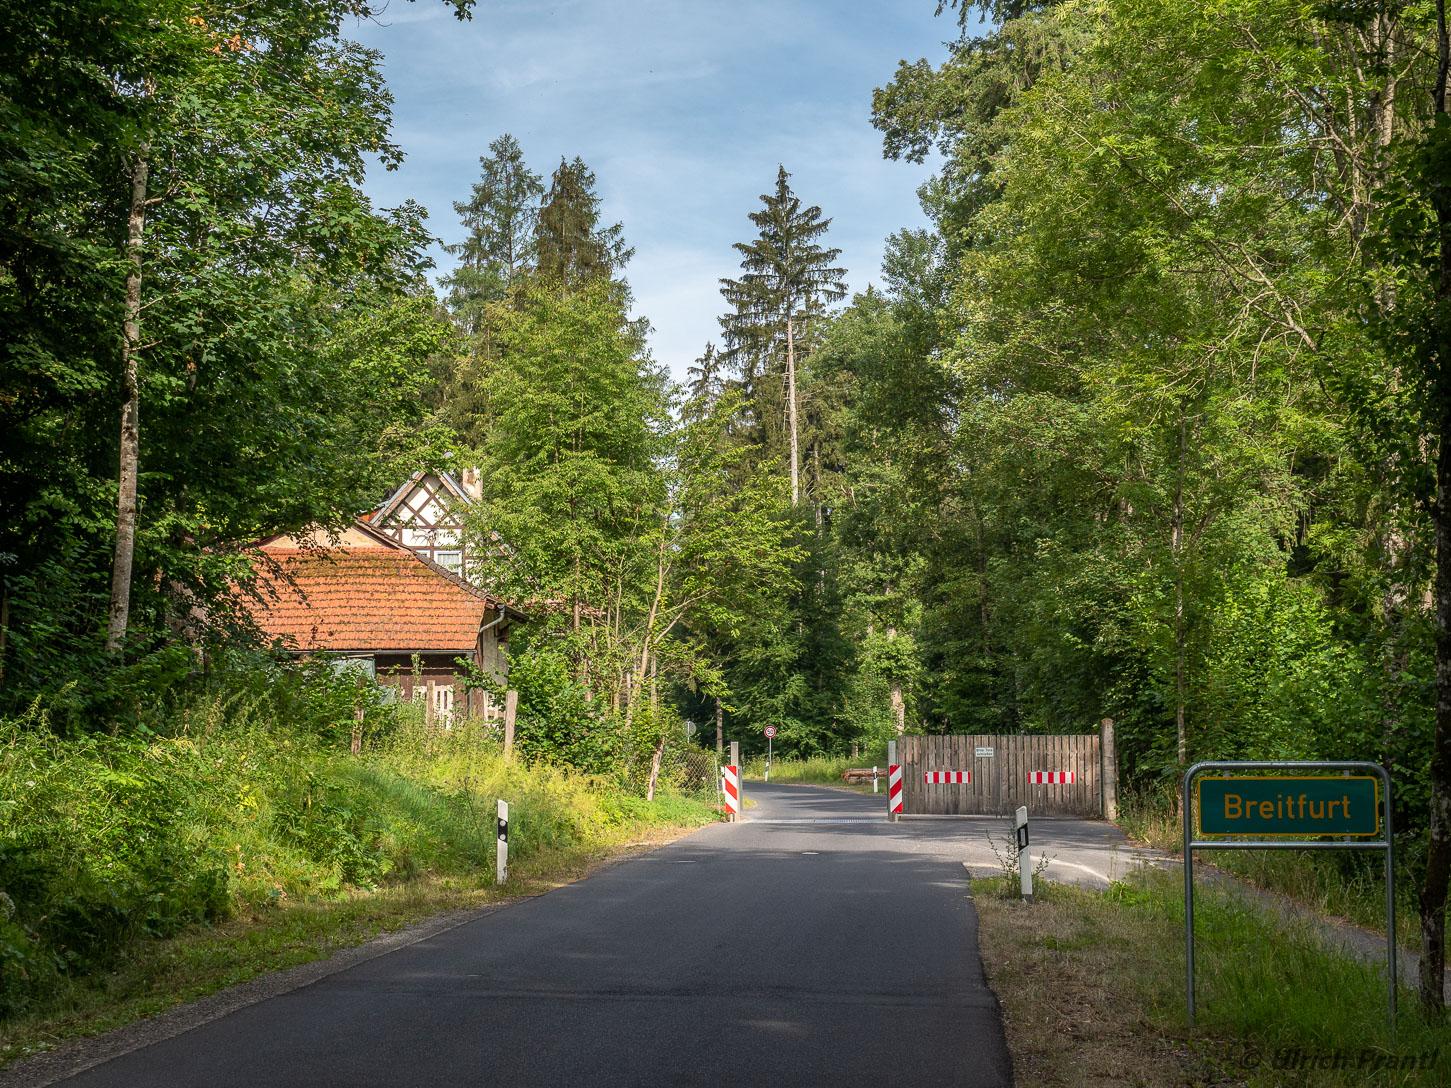 Torhaus / Eingang zum Wildpark